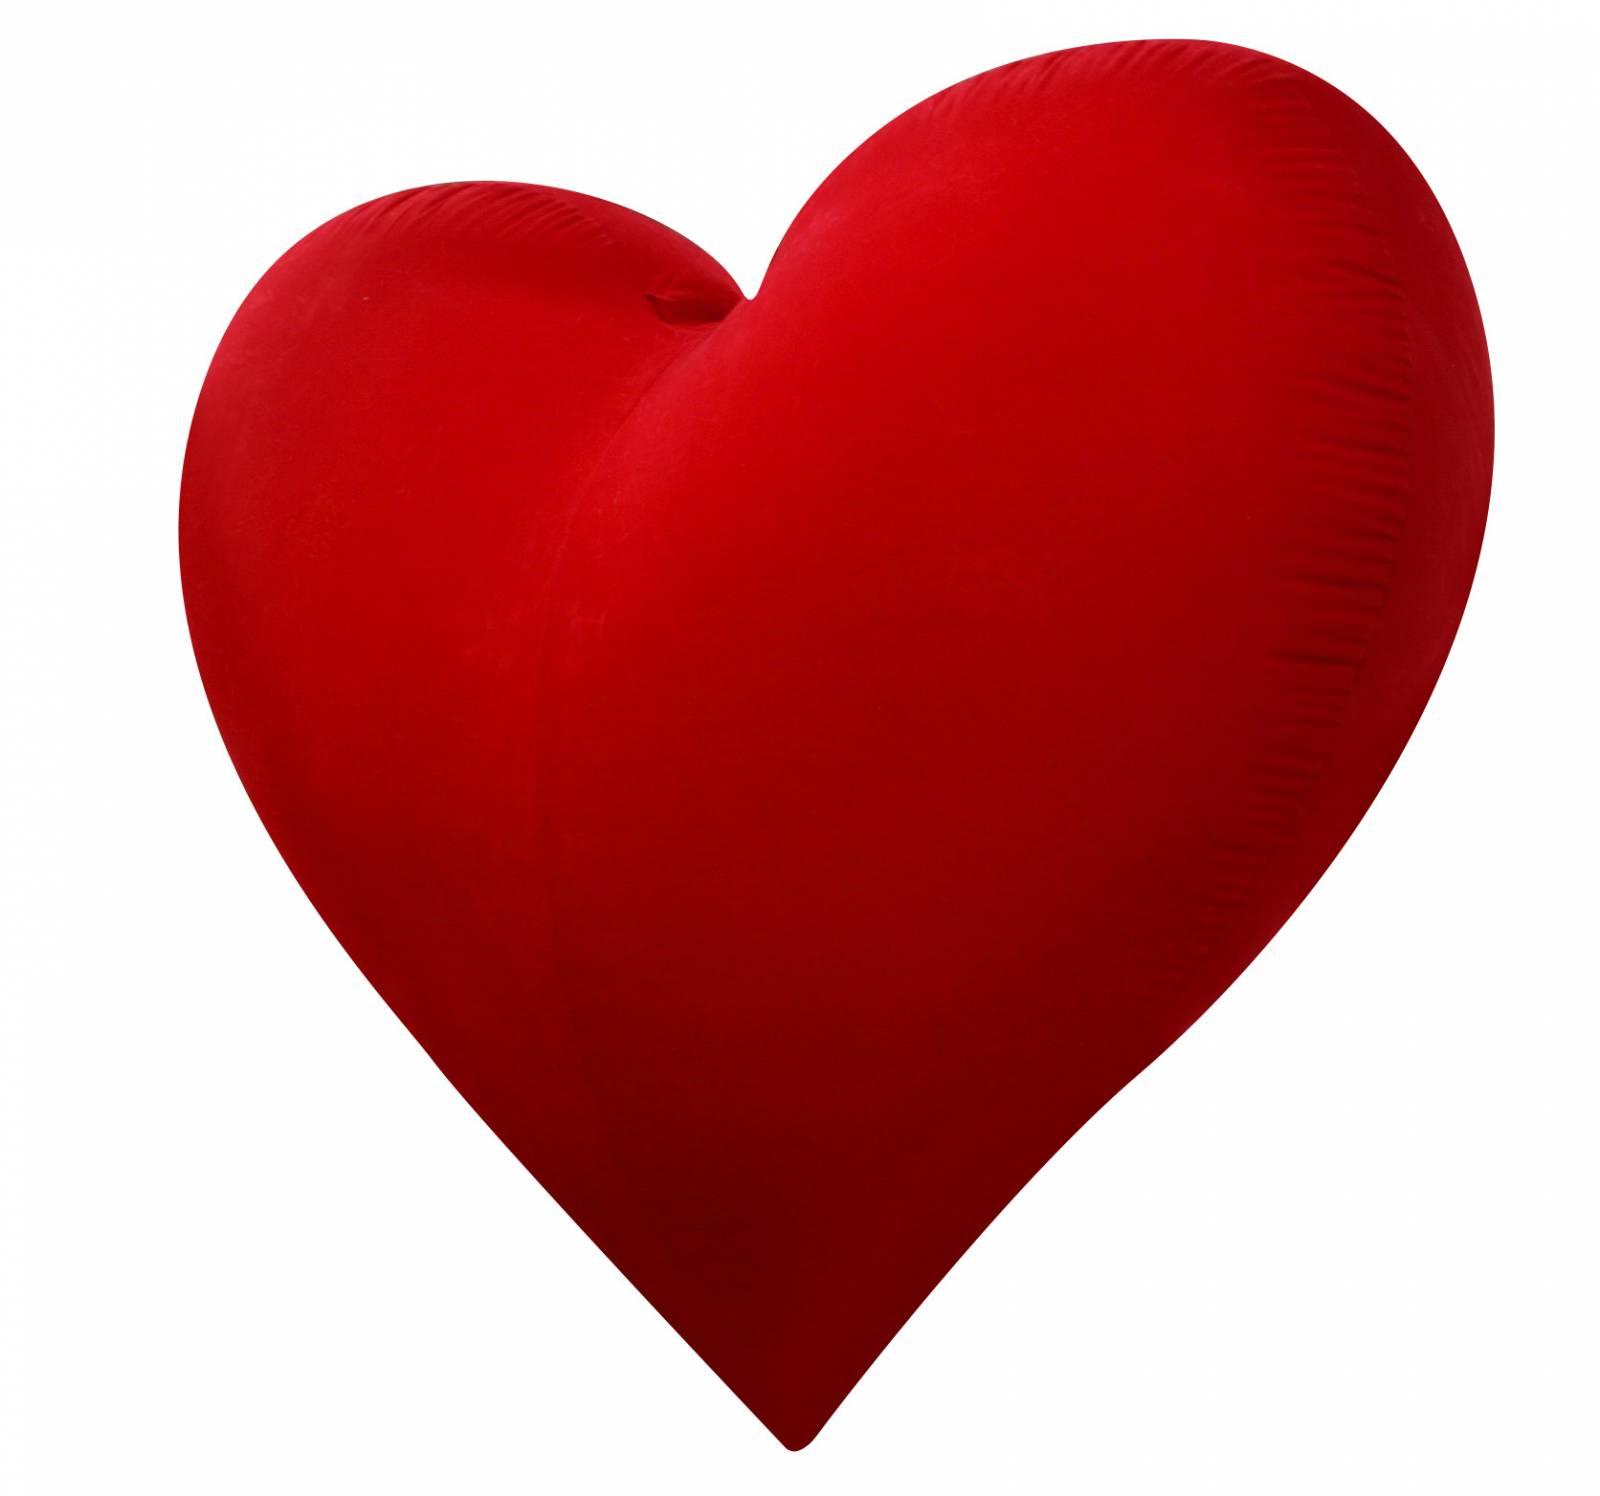 Coeur d 39 amour g ant giant heart 3d d corations de no l lyon vosta illumination - Ceour d amour ...